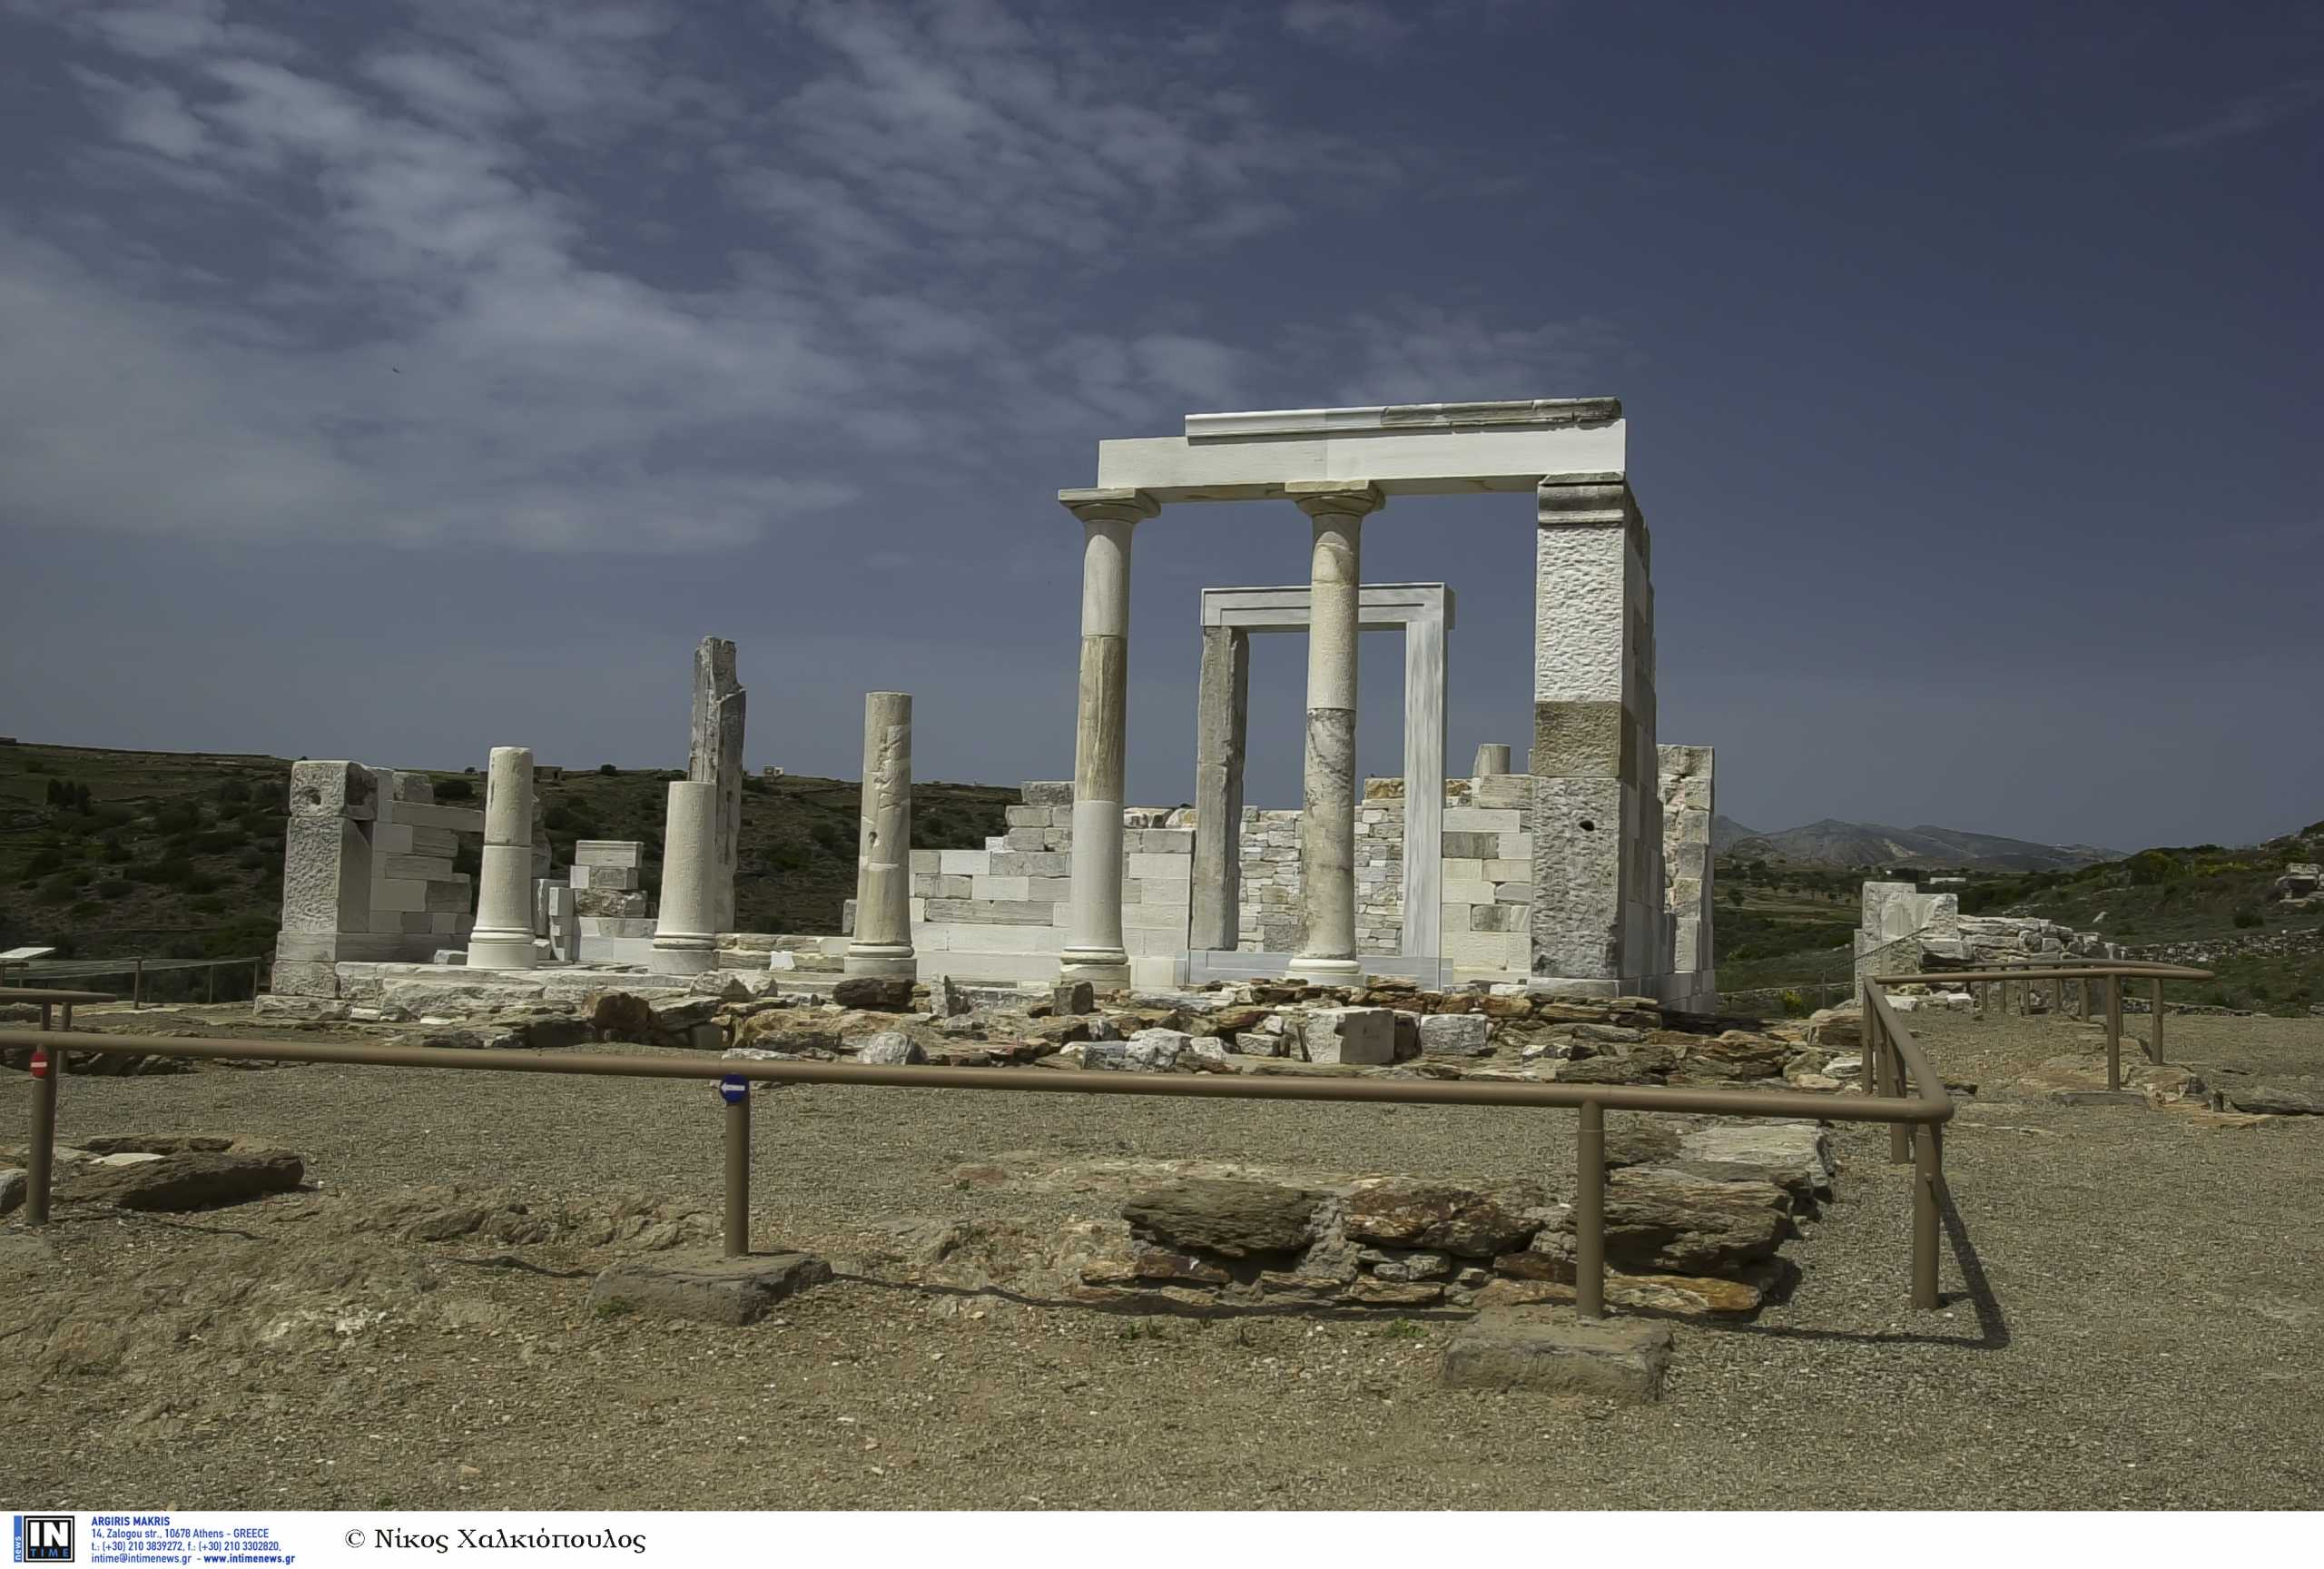 Ο εντυπωσιακός ελληνικός ναός με το λευκό μάρμαρο που κατασκευάστηκε έναν αιώνα πριν τον Παρθενώνα